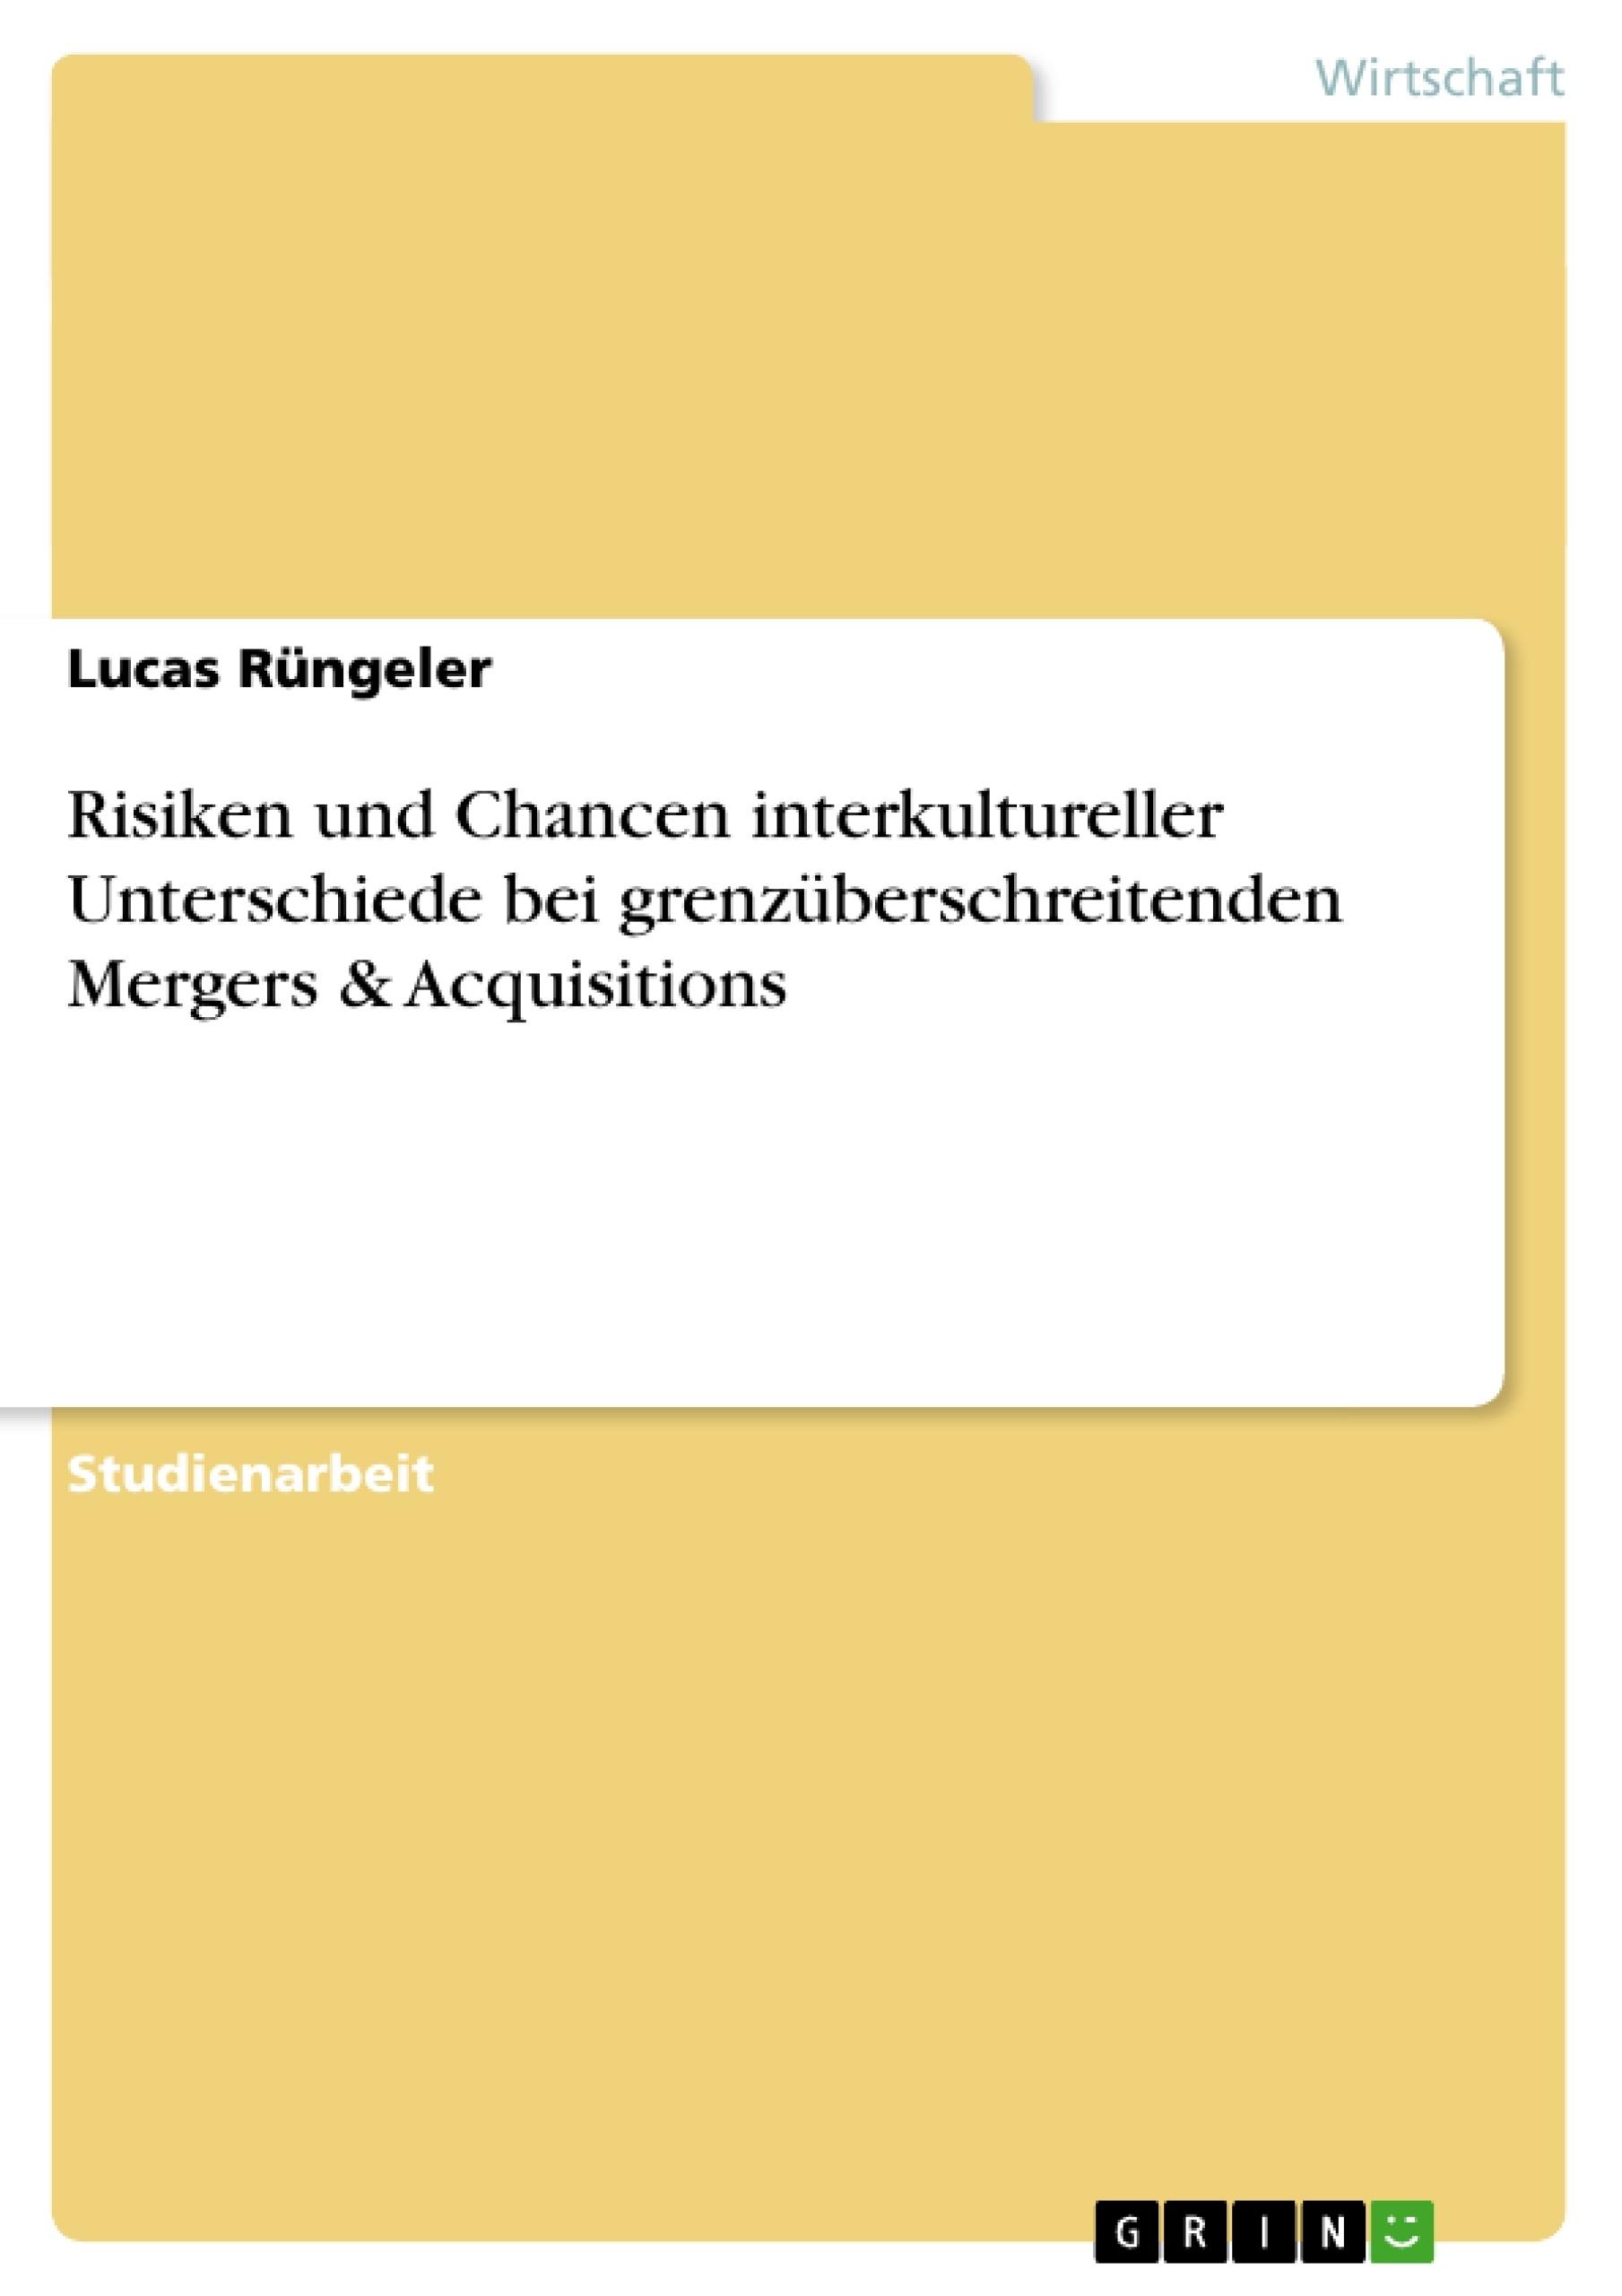 Titel: Risiken und Chancen interkultureller Unterschiede bei grenzüberschreitenden Mergers & Acquisitions